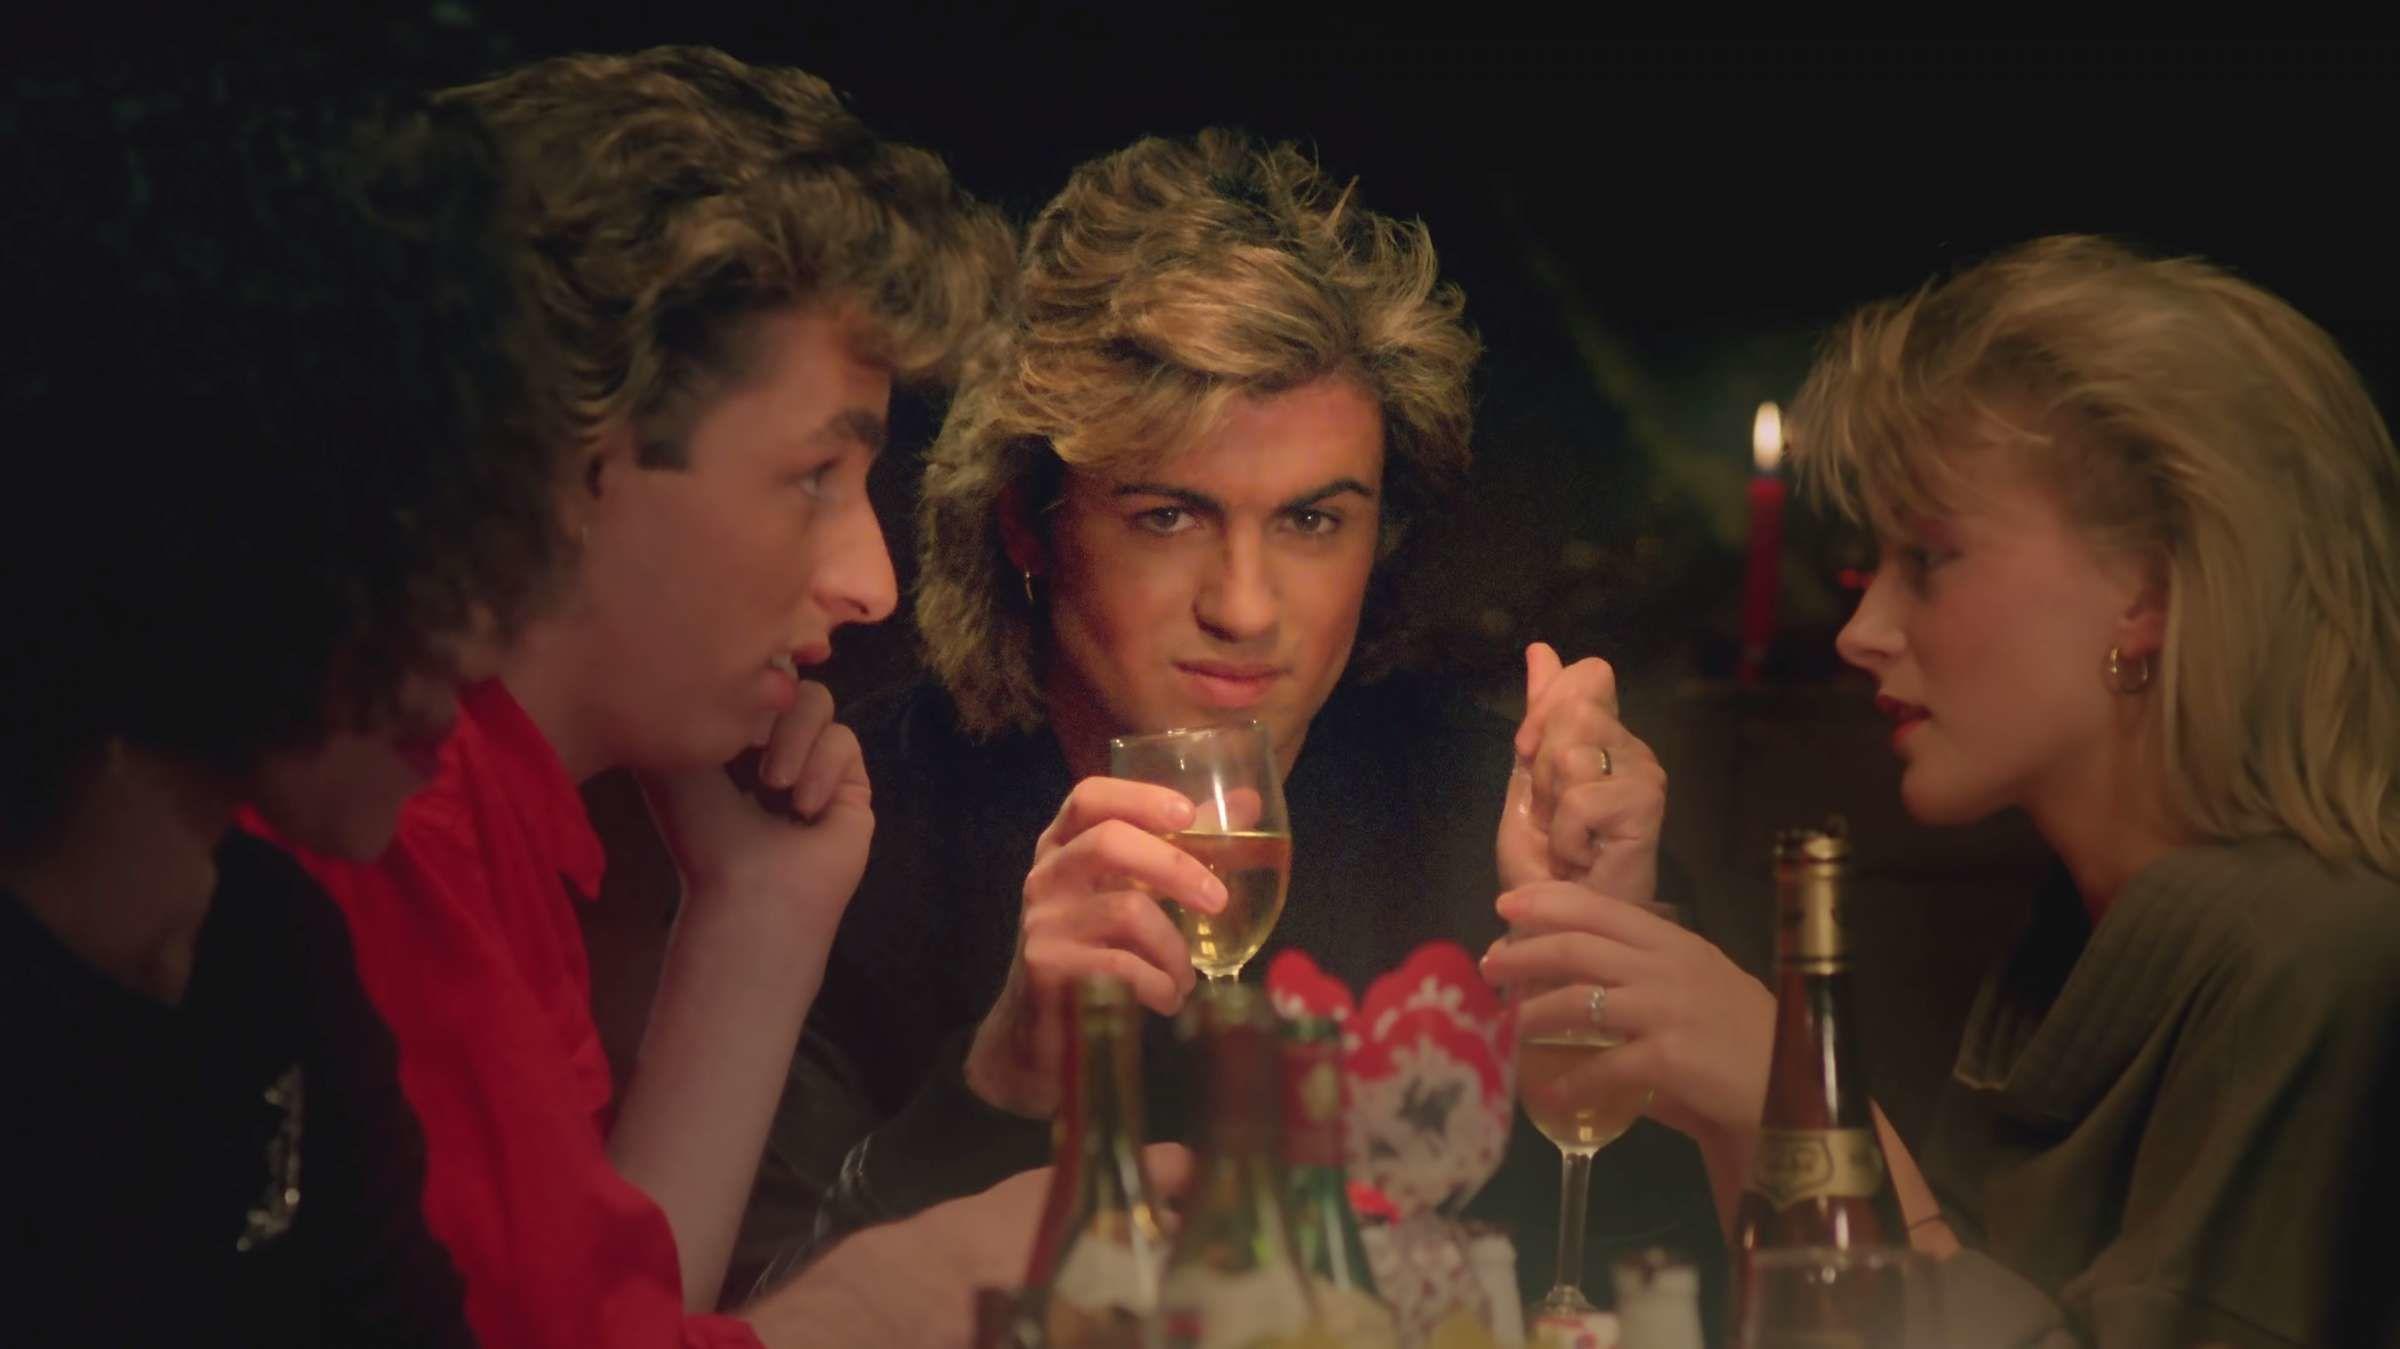 """Musica, Cinema. Wham!: il video di """"Last Christmas"""" si rifà il look per le feste. E oggi arriva anche il film"""